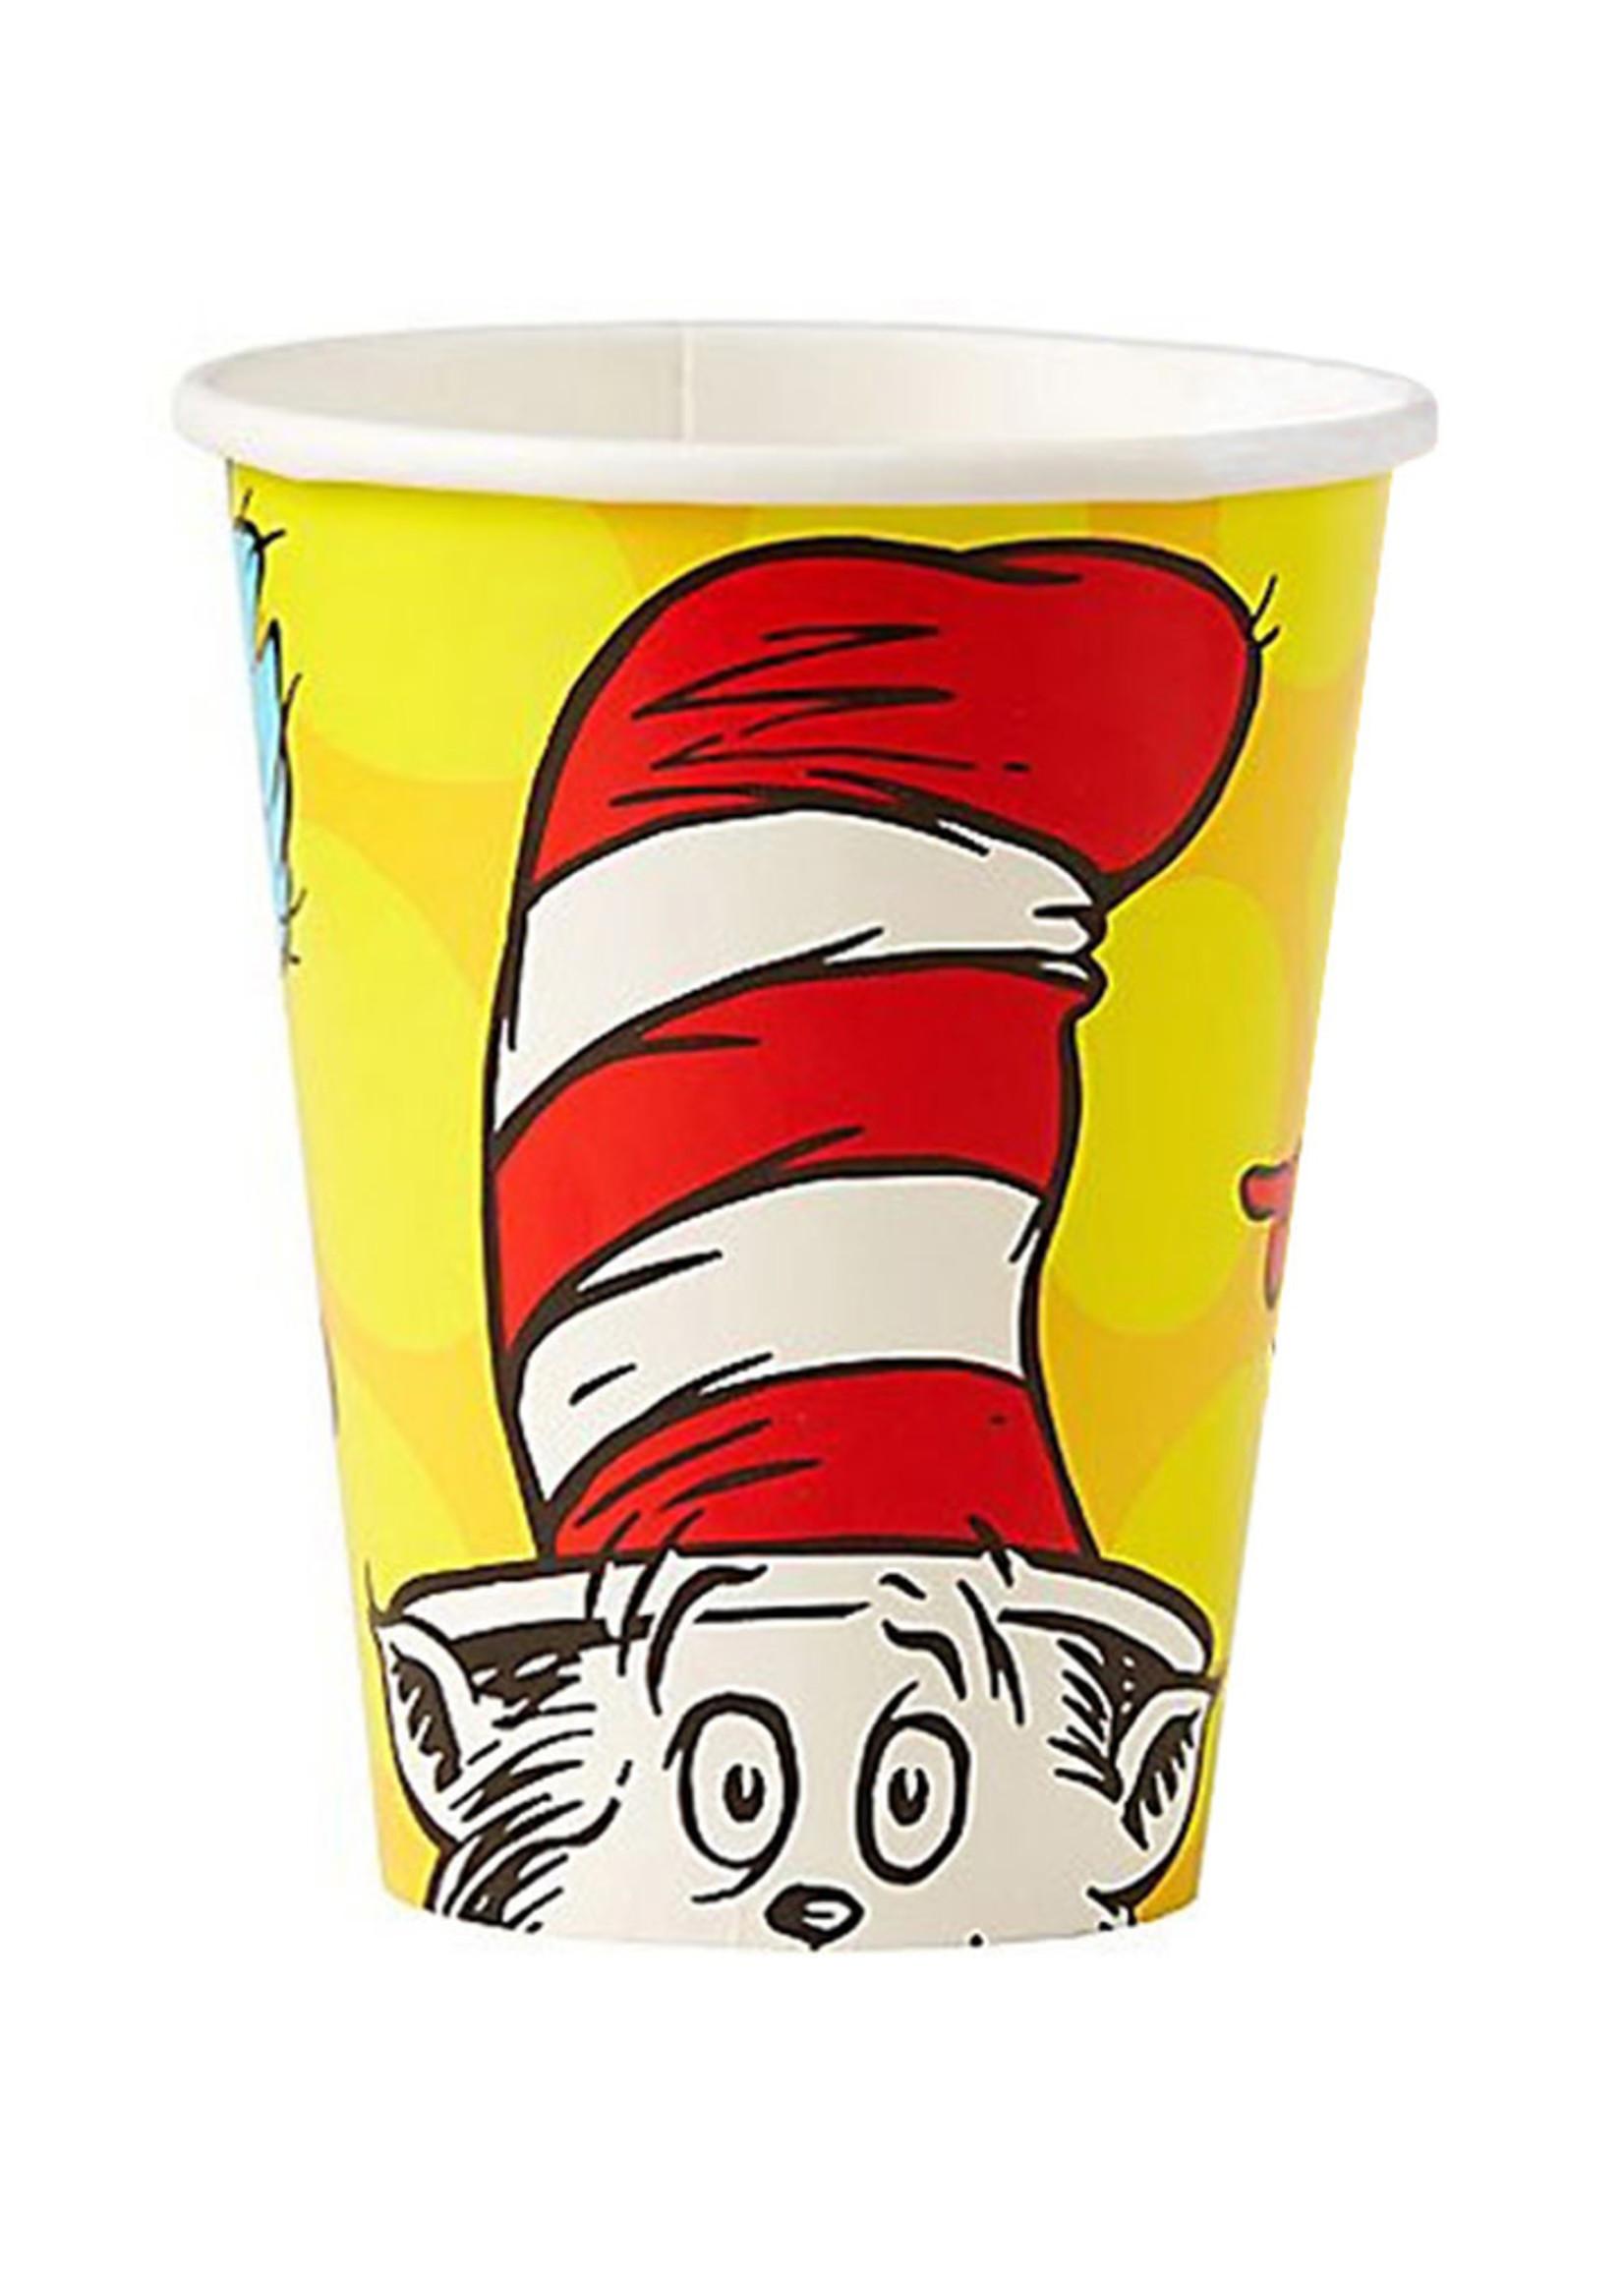 Dr. Seuss 9 oz Cups - 8ct